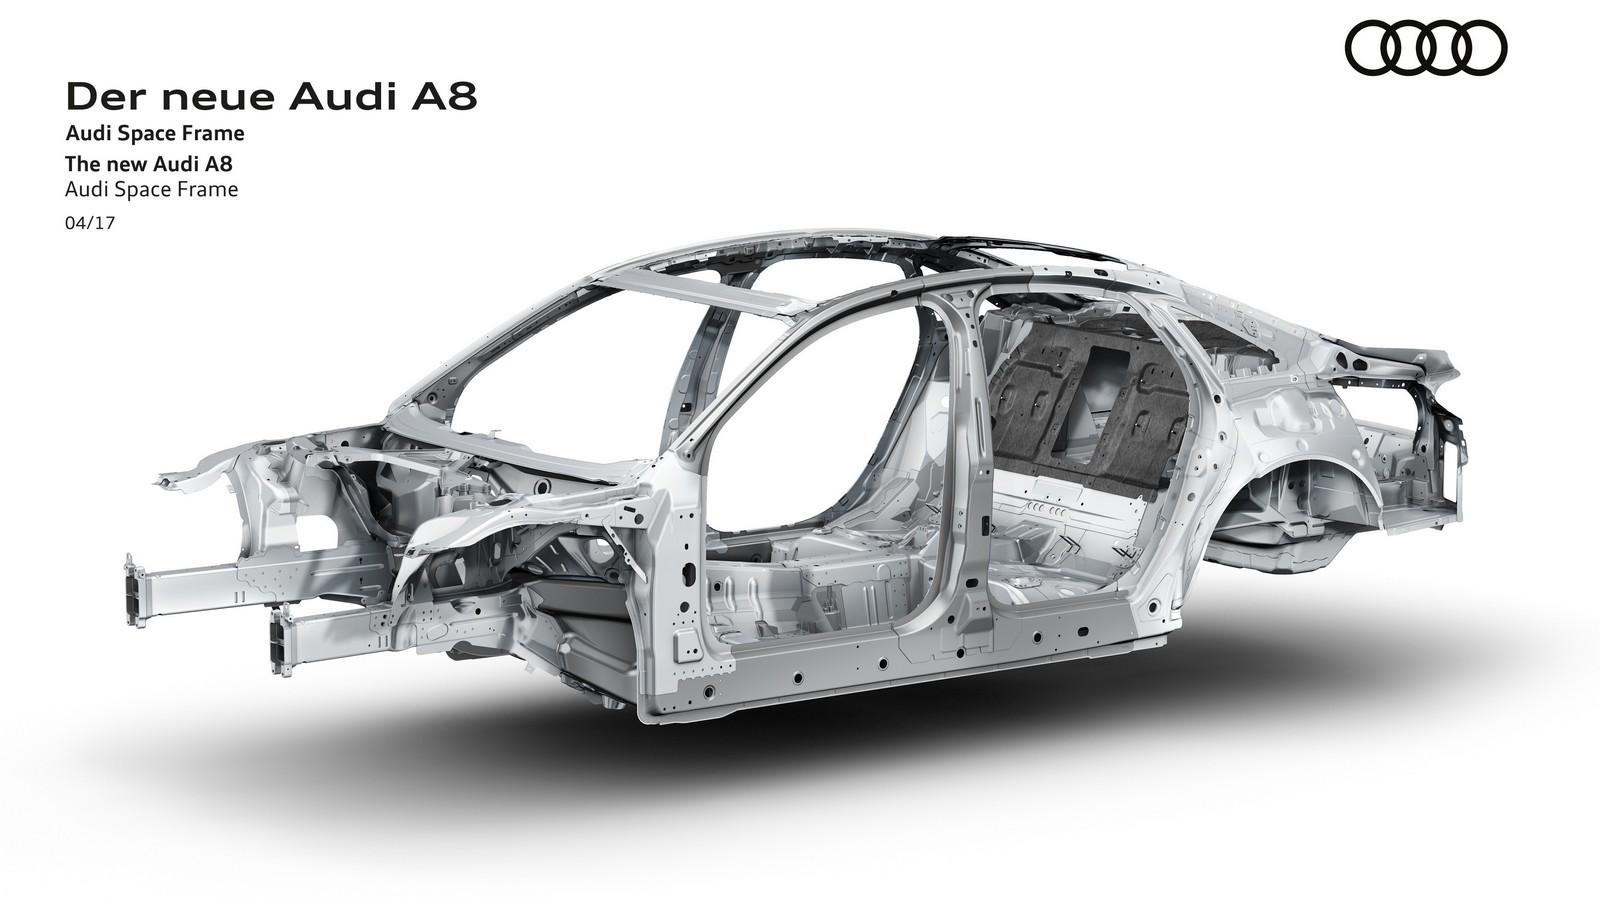 Der neue Audi A8